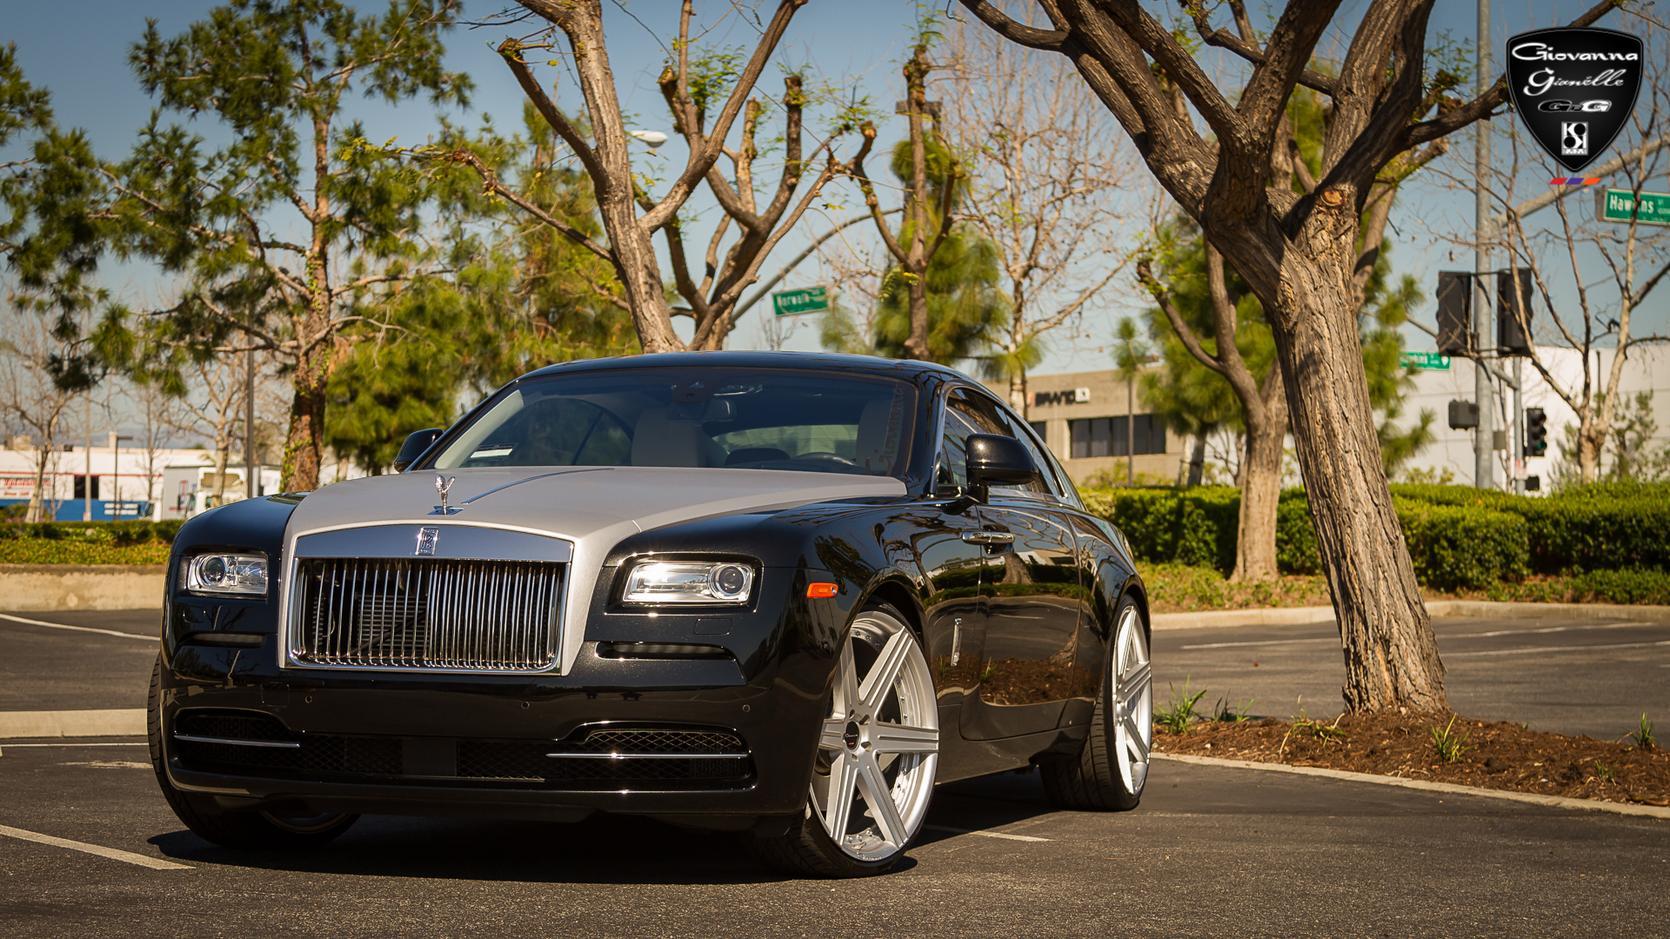 Rolls-Royce-Ghost-Giovanna-Dublin-6-2-1